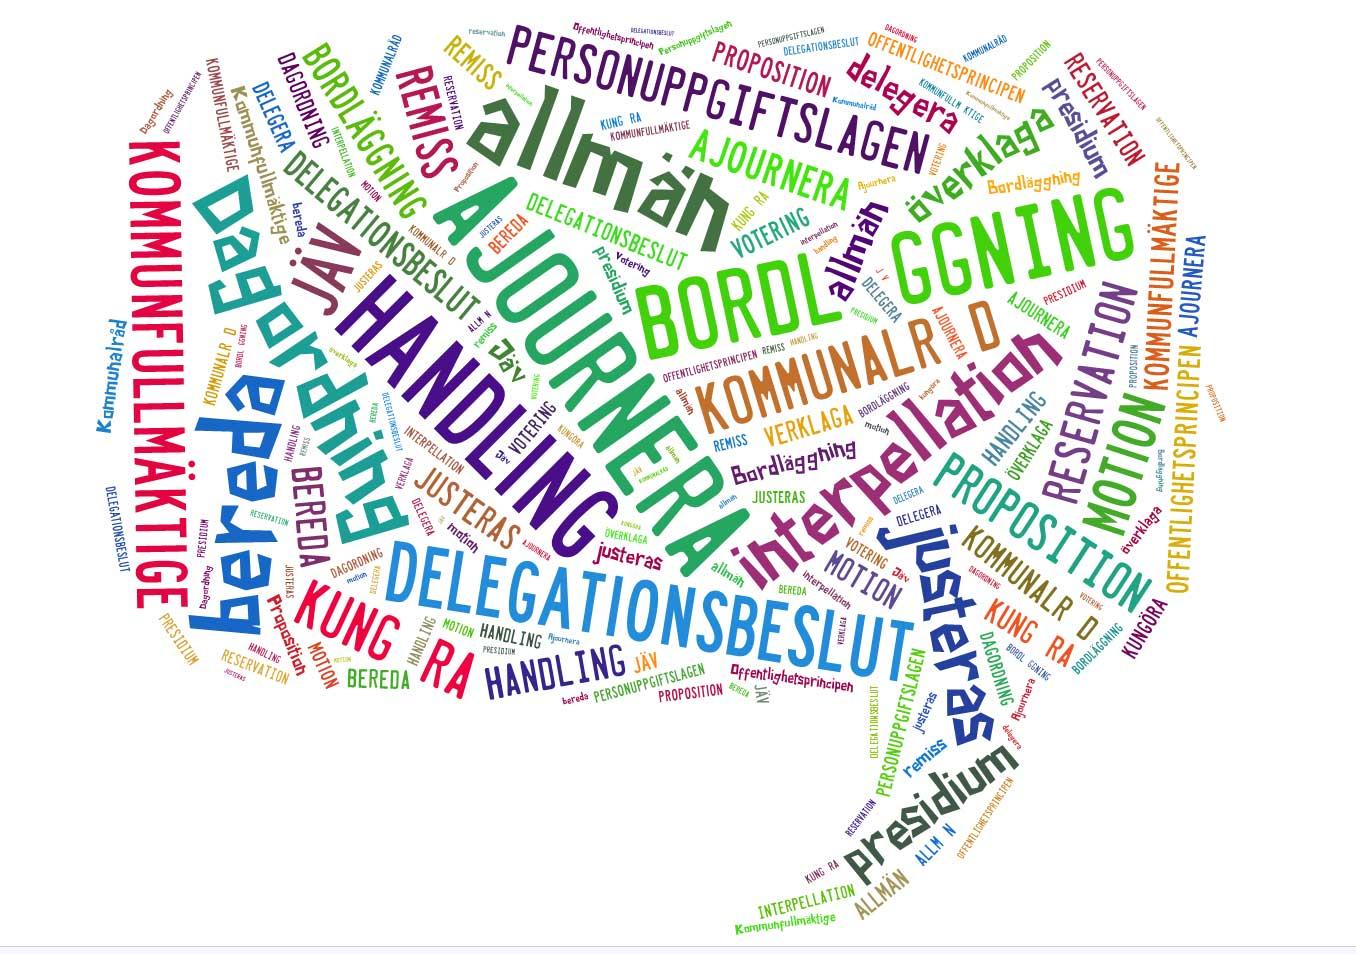 Vad betyder orden? | Staffanstorps kommun